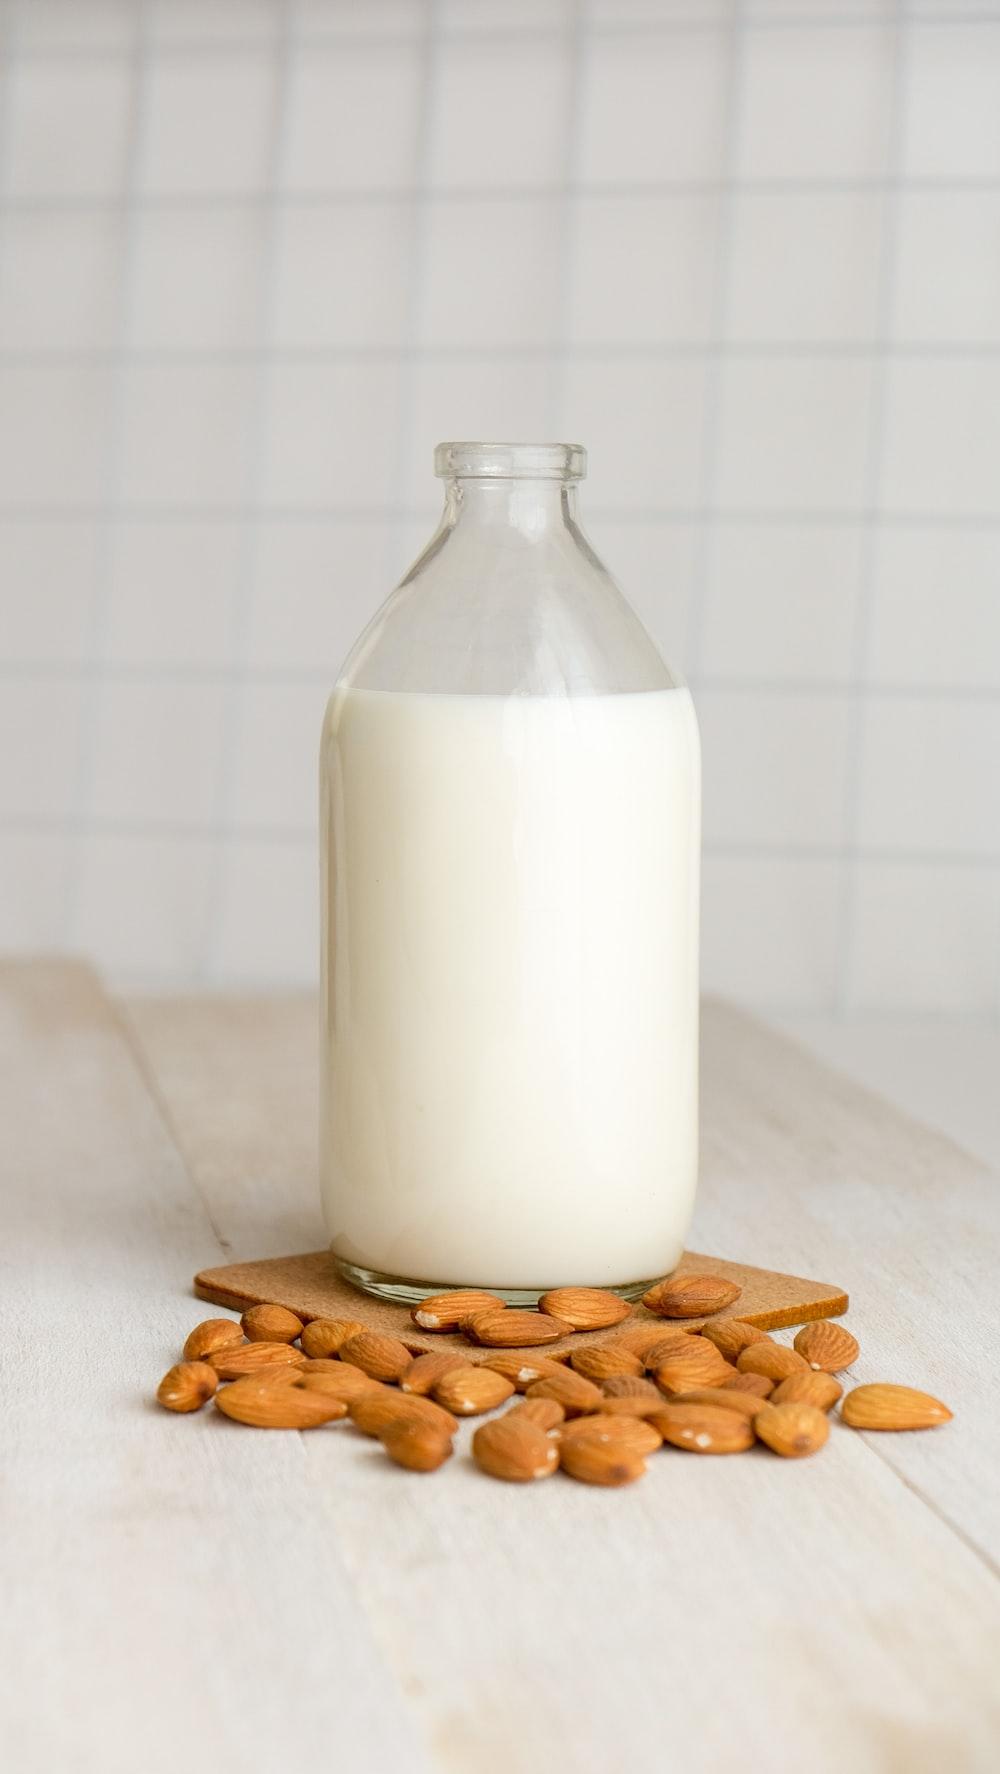 white milk in clear glass bottle